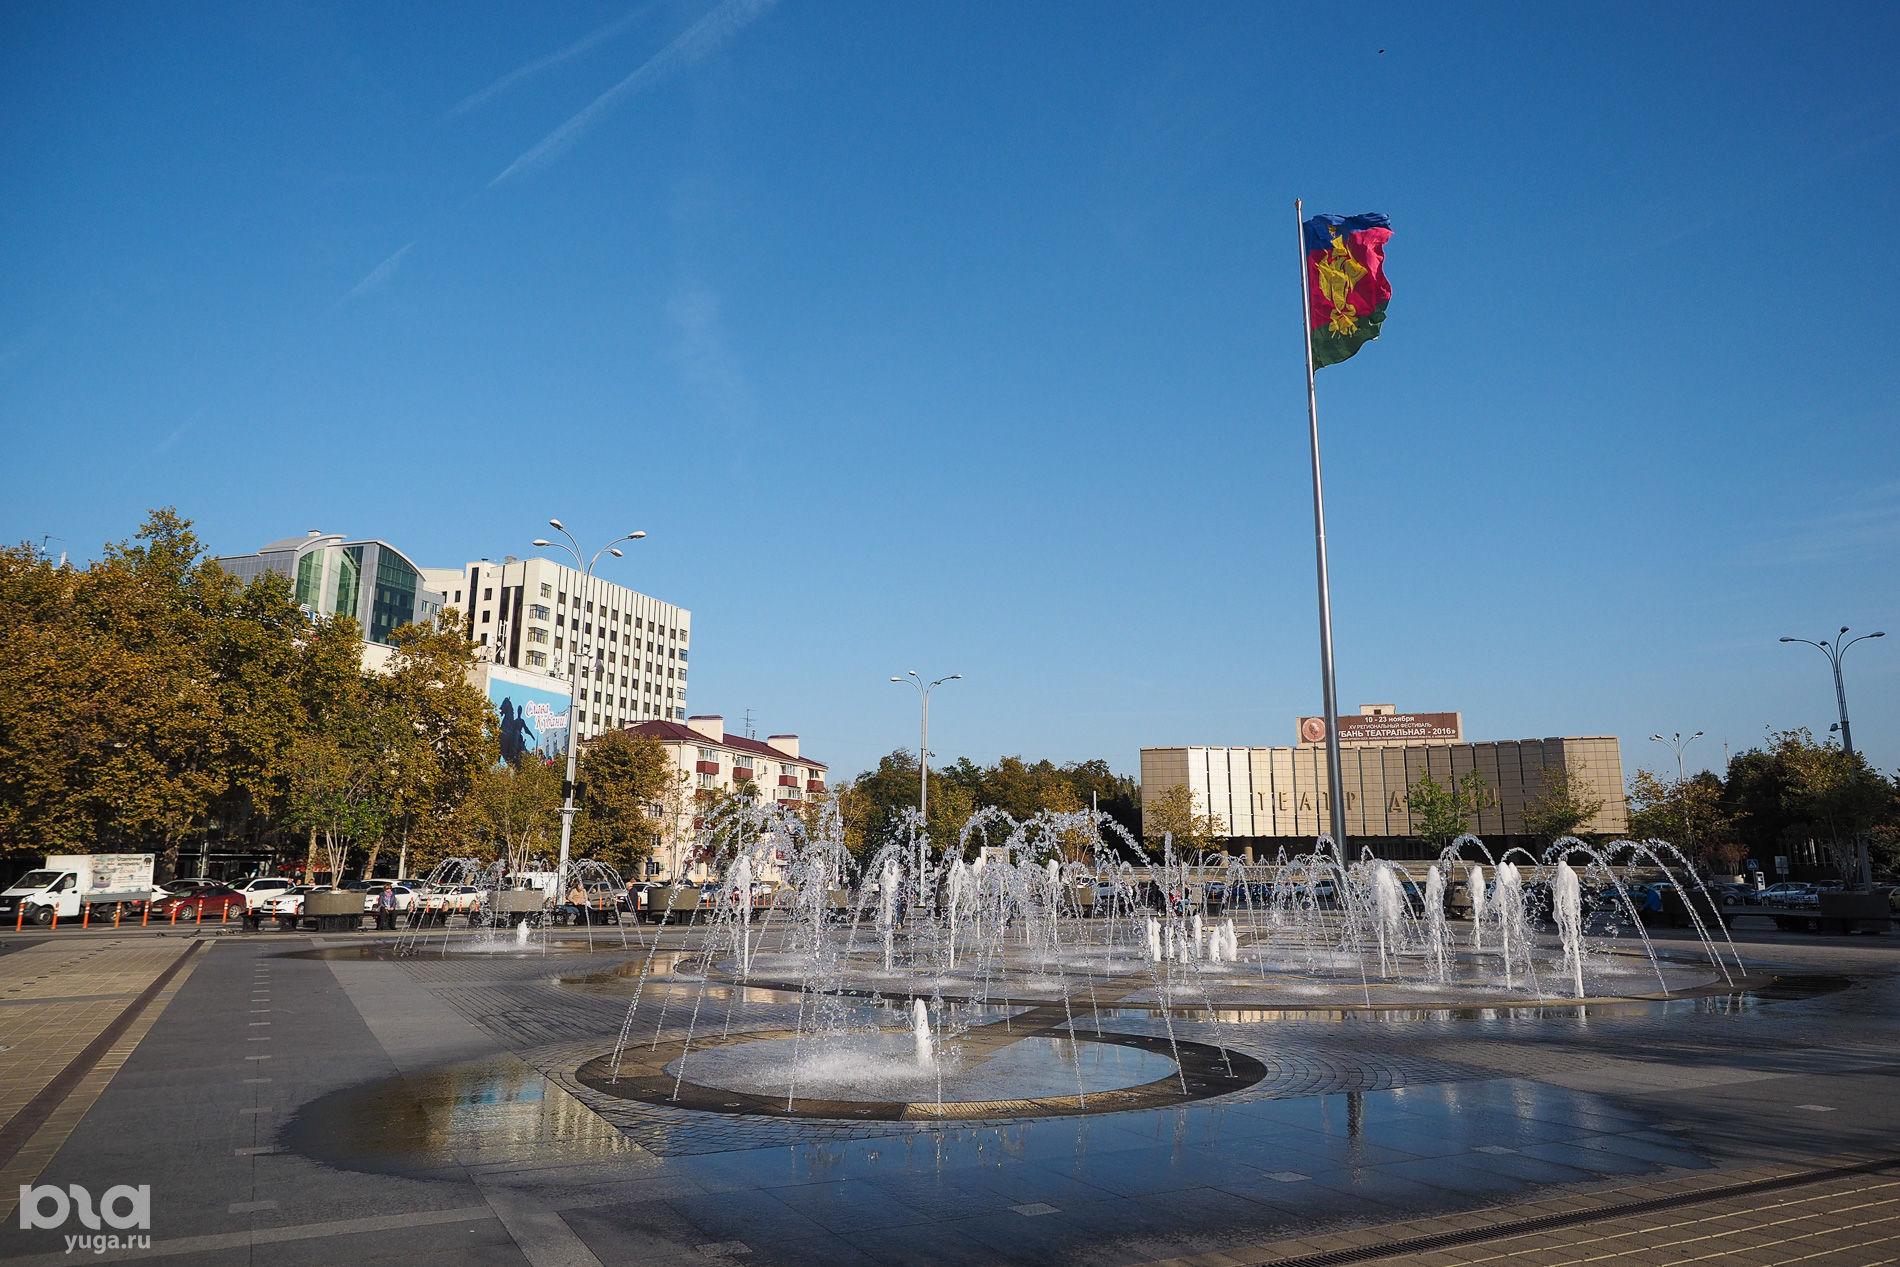 Фонтан на Главной городской площади (до апреля 2019 года — Театральной), Краснодар ©Фото Елены Синеок, Юга.ру